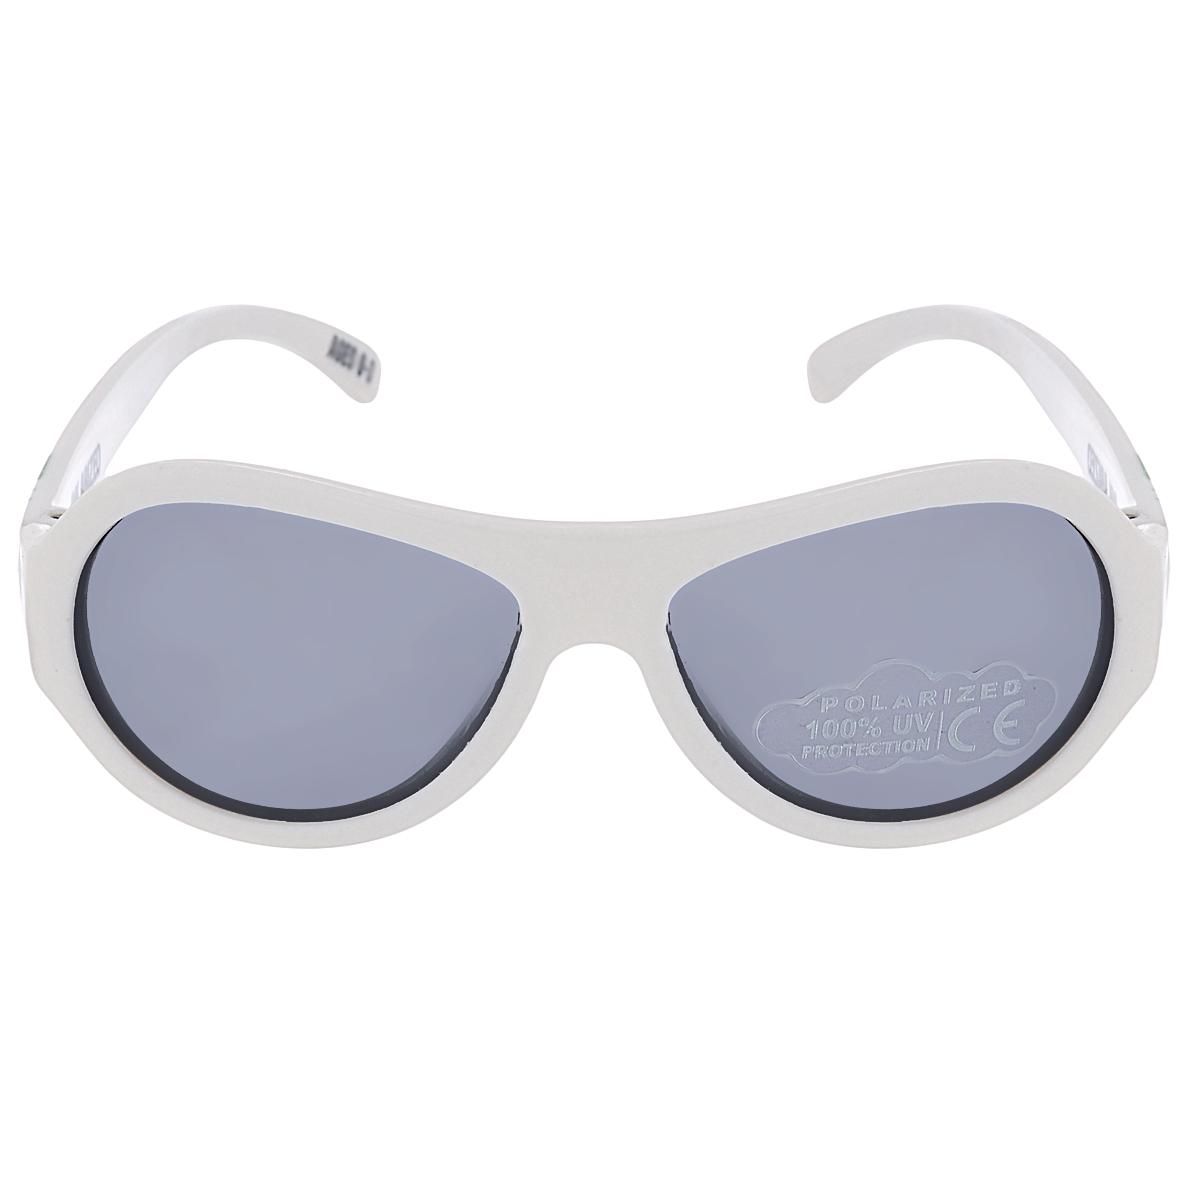 Детские солнцезащитные очки Babiators Вечеринка (Party Animal), поляризационные, с футляром, цвет: белый, 0-3 летBAB-053